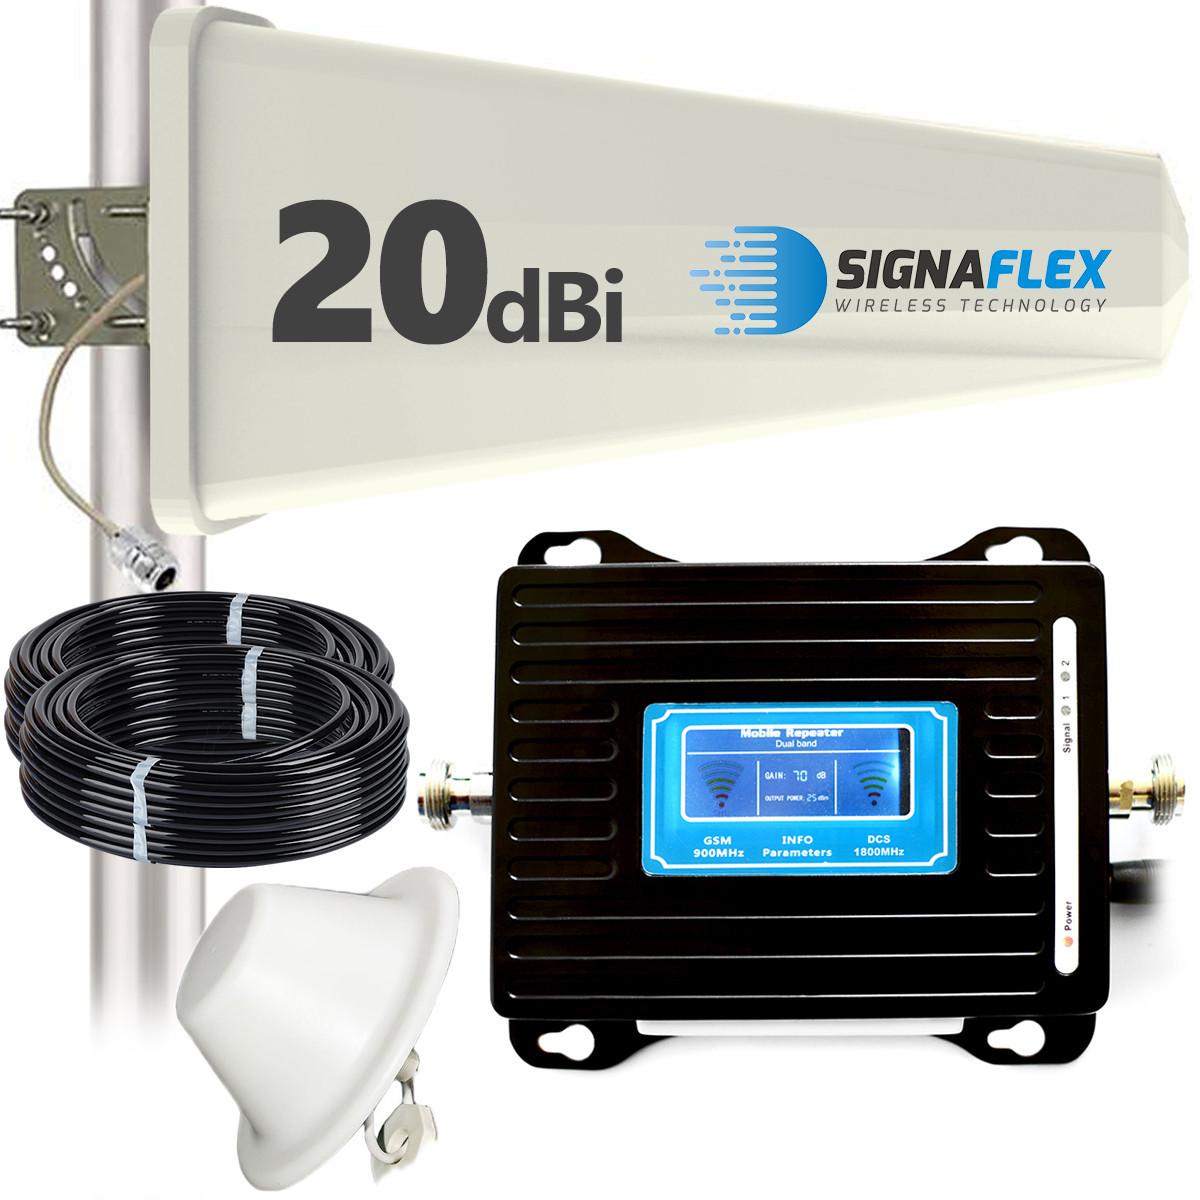 Wzmacniacz GSM/DCS LCD3000 z wbudowaną anteną + Tajfun + grzybek